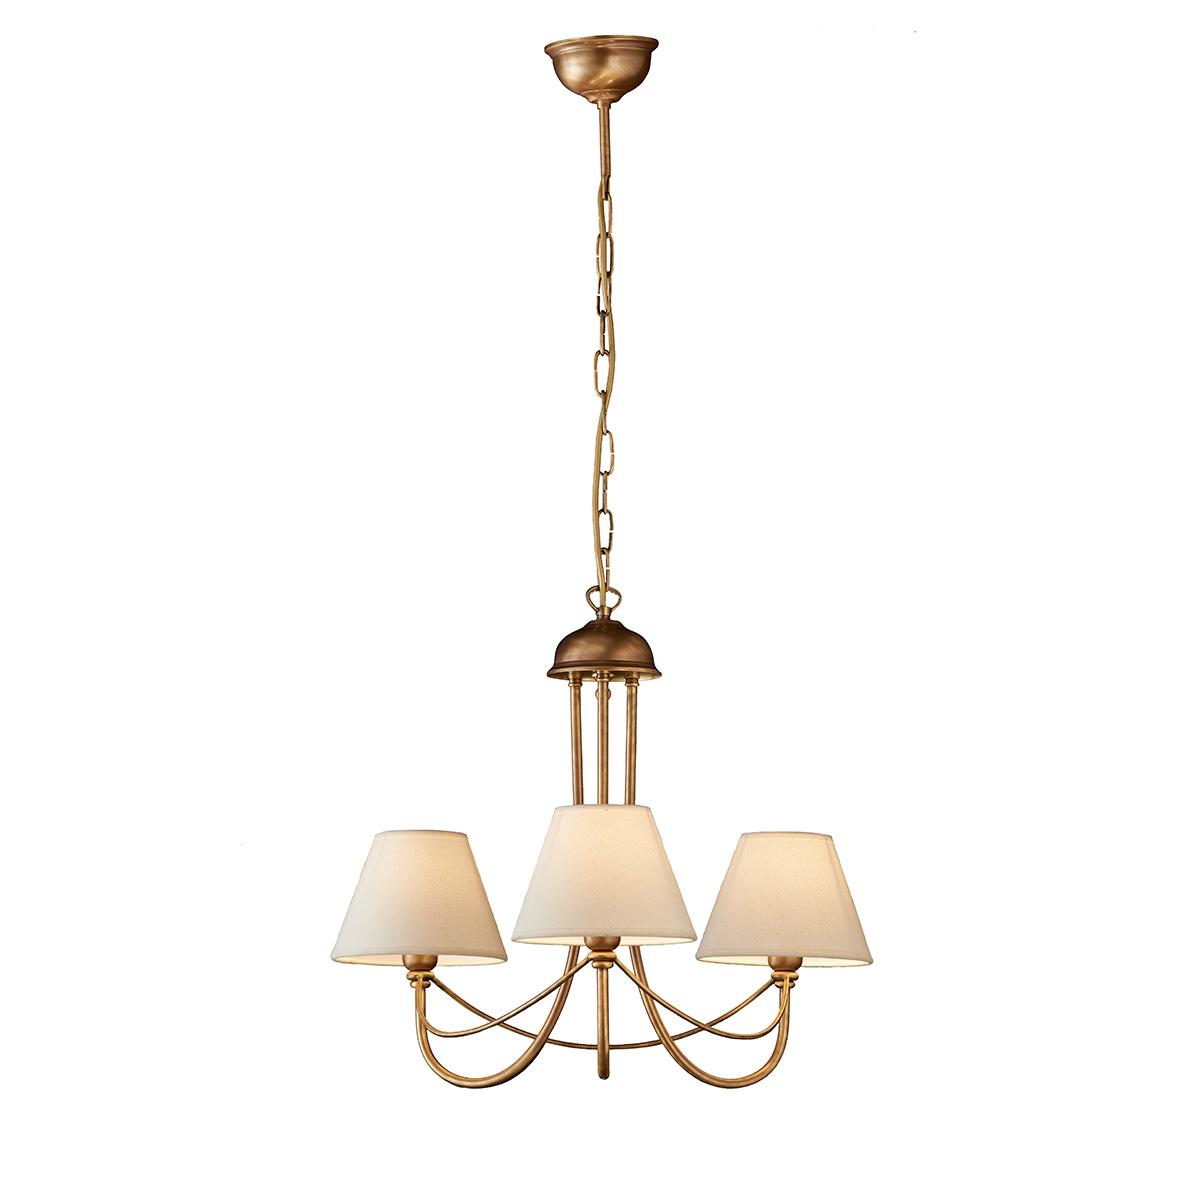 Κλασικό 3φωτο κρεμαστό φωτιστικό με καπέλα ΓΥΘΕΙΟ classic 3-bulb chandelier with shades